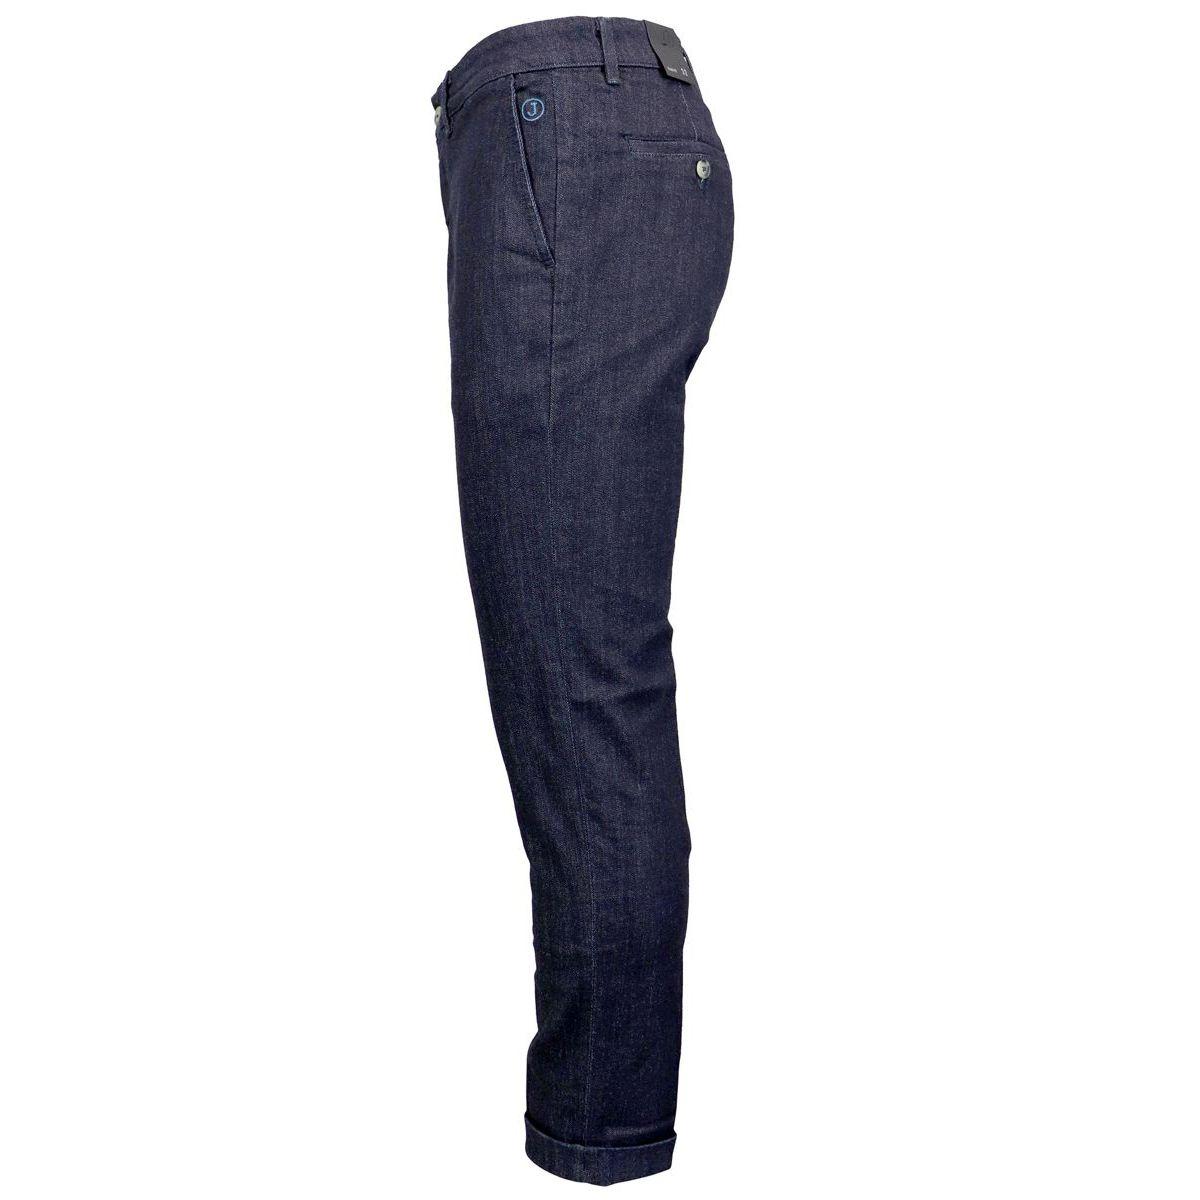 Stretch cotton jeans with america pockets Dark denim Jeckerson